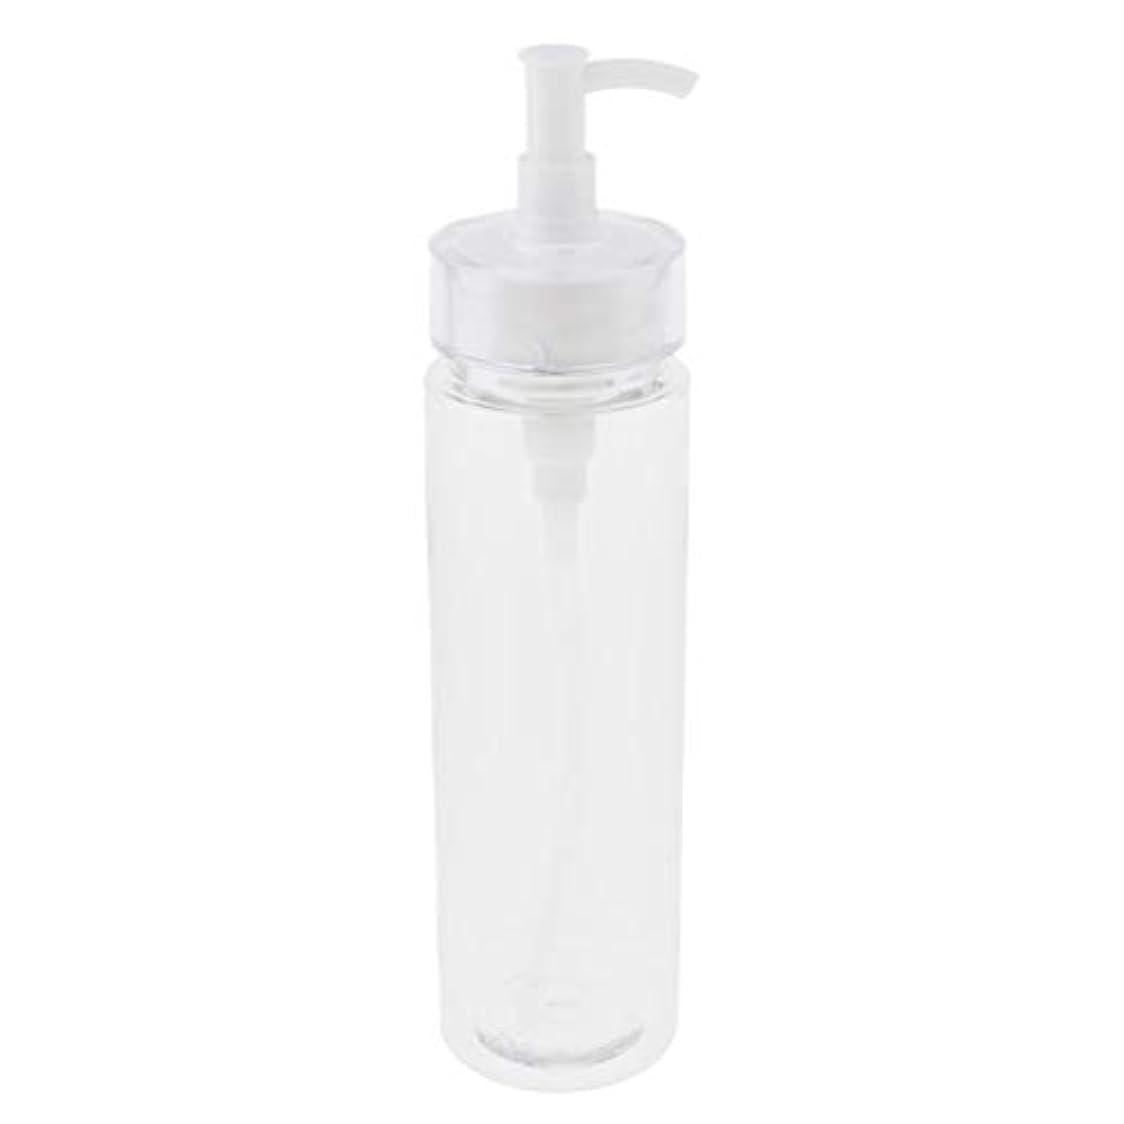 すり減る発言する残忍な保湿剤、血清および精油のための空の詰め替え式のびんのローションの血清ポンプディスペンサー旅行容器 - 200ミリリットル